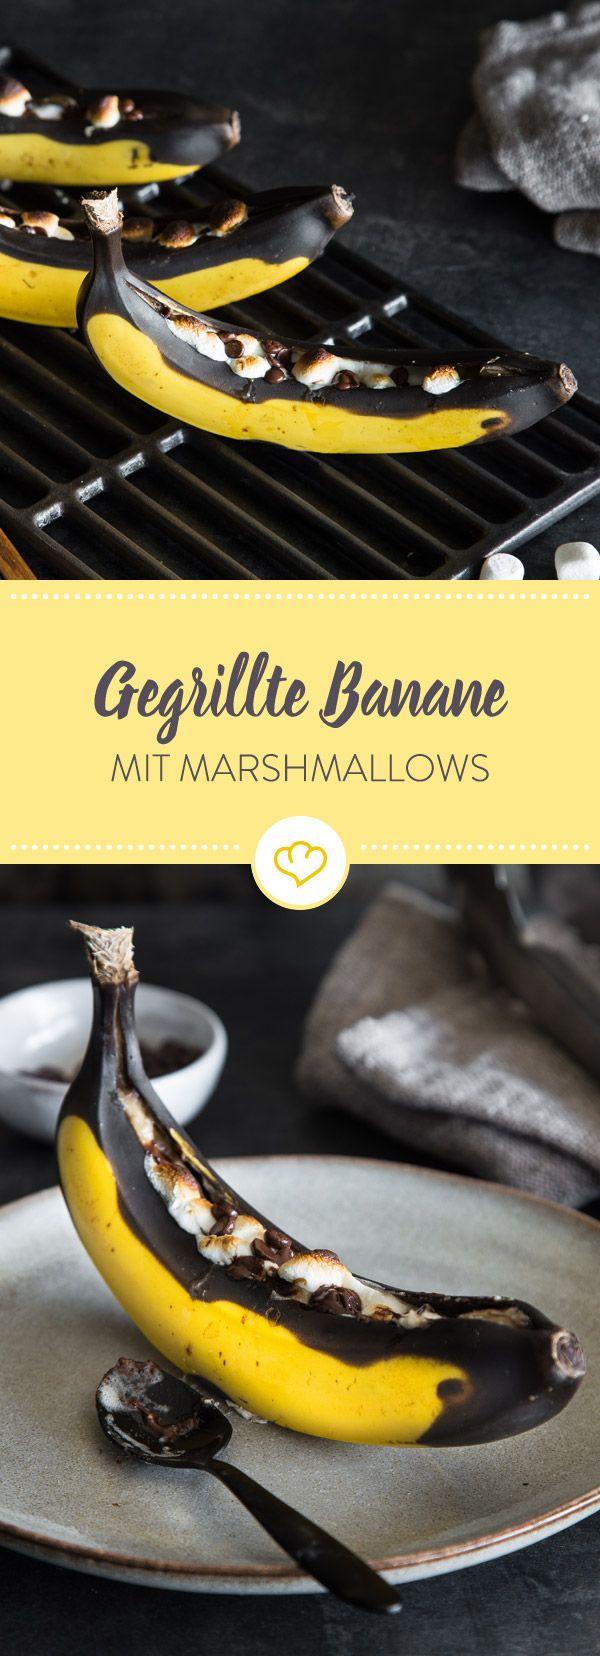 Fülle deine Banane mit Schokolade und Marshmallows, leg sie auf das Rost und sorge mit dieser Köstlichkeit für eine süß-fruchtigen Abschluss beim Grillen. (Indian Sweet Recipes)